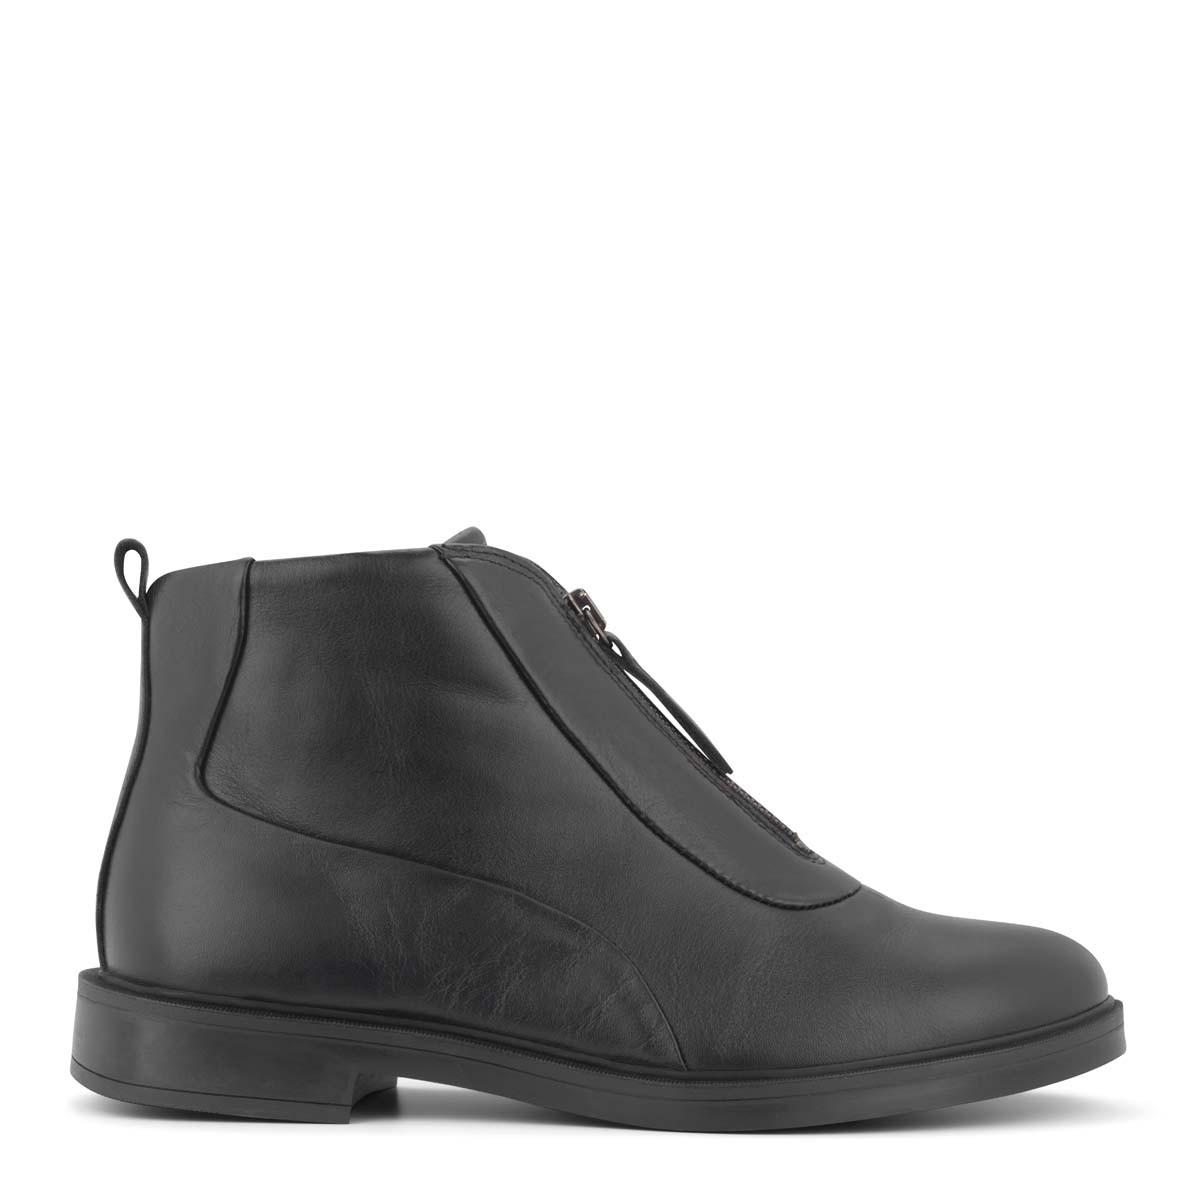 New Feet klassisk læderstøvle med lynlås